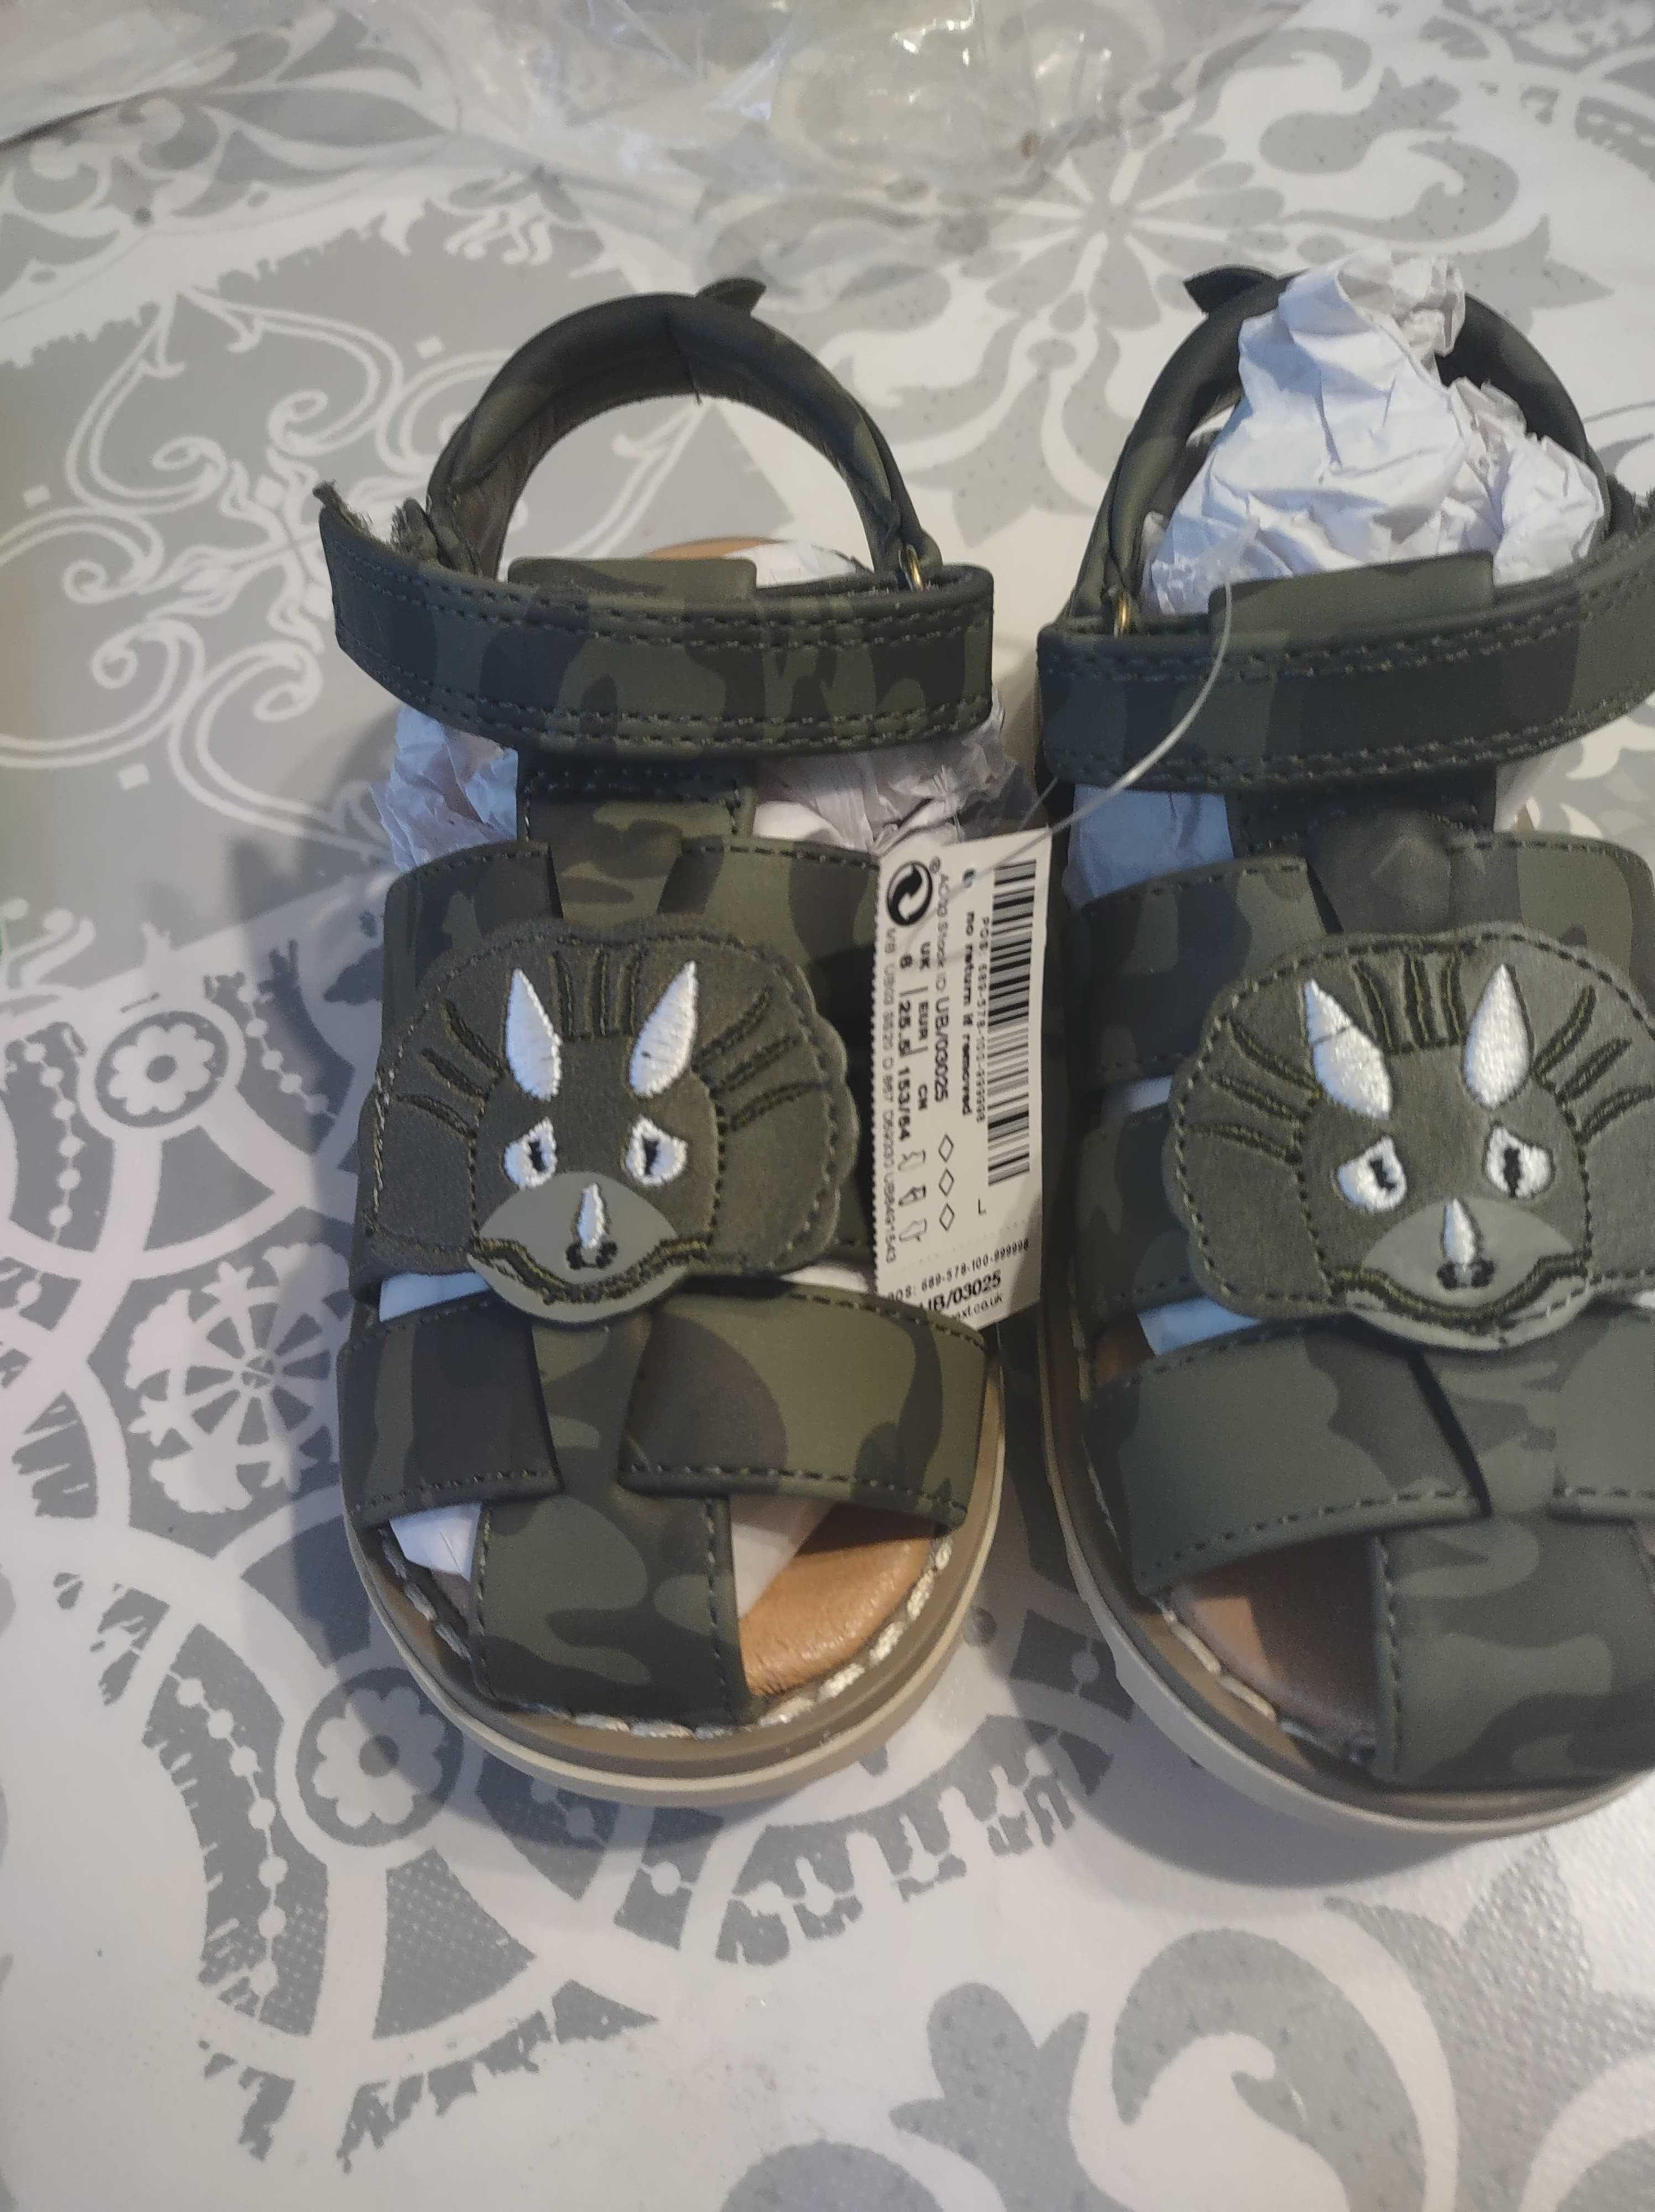 Next sandałki dla chłopca nowe rozmiar 25,5